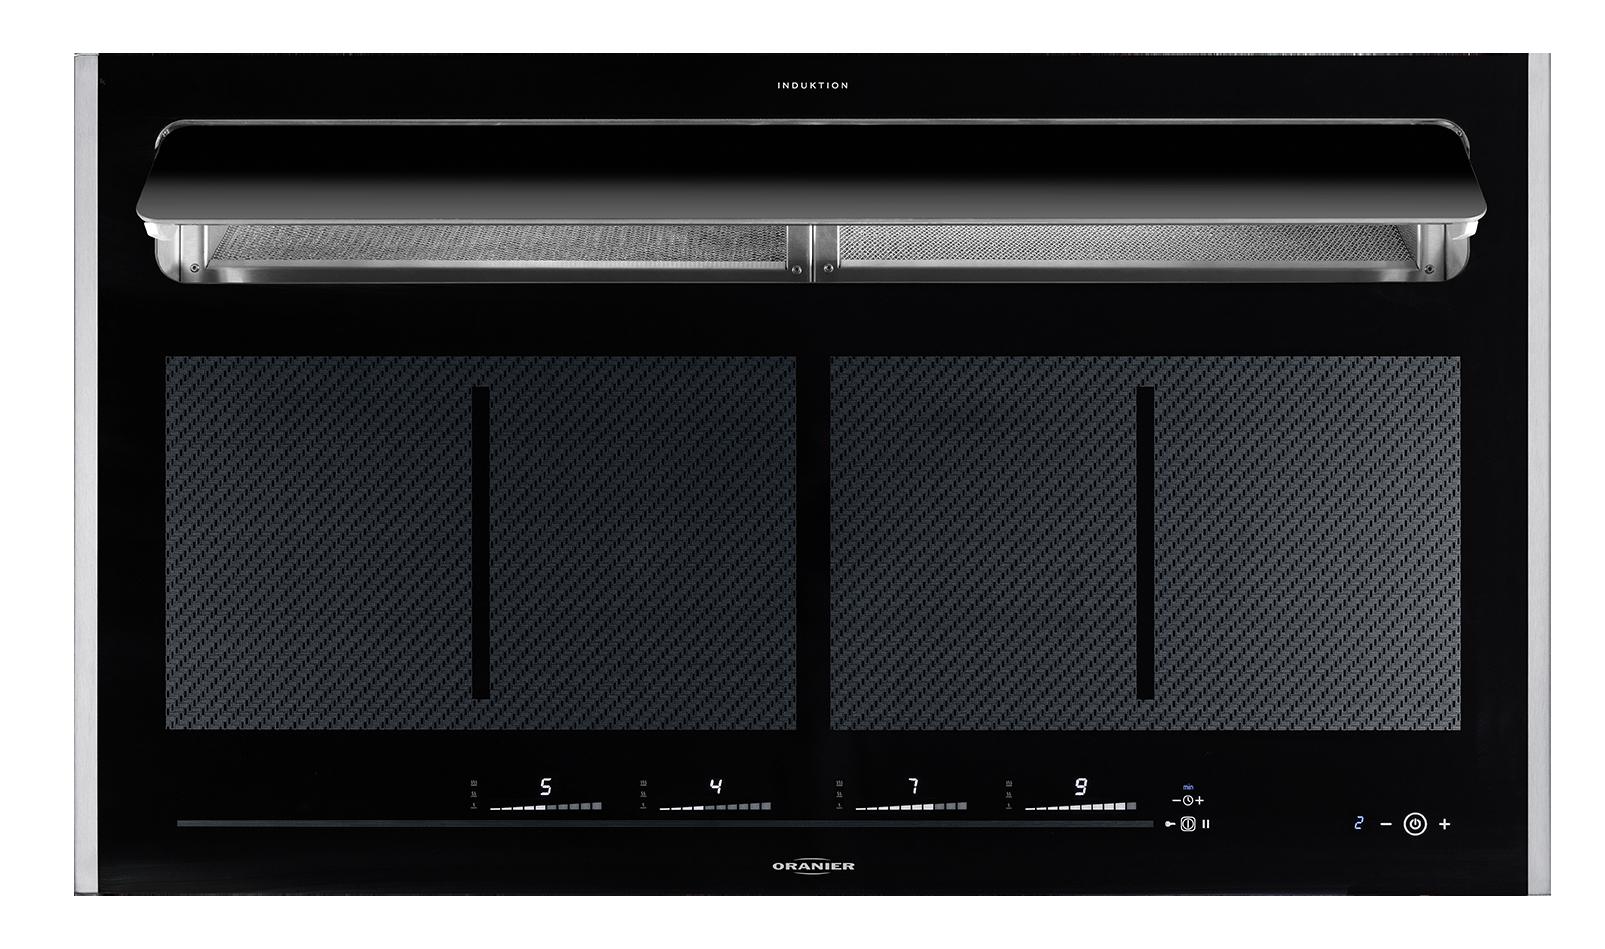 Gorenje Kühlschrank Zeichenerklärung : Flächeninduktion mit kochfeldabzug abluft modul kfl 2094 rahmenlos